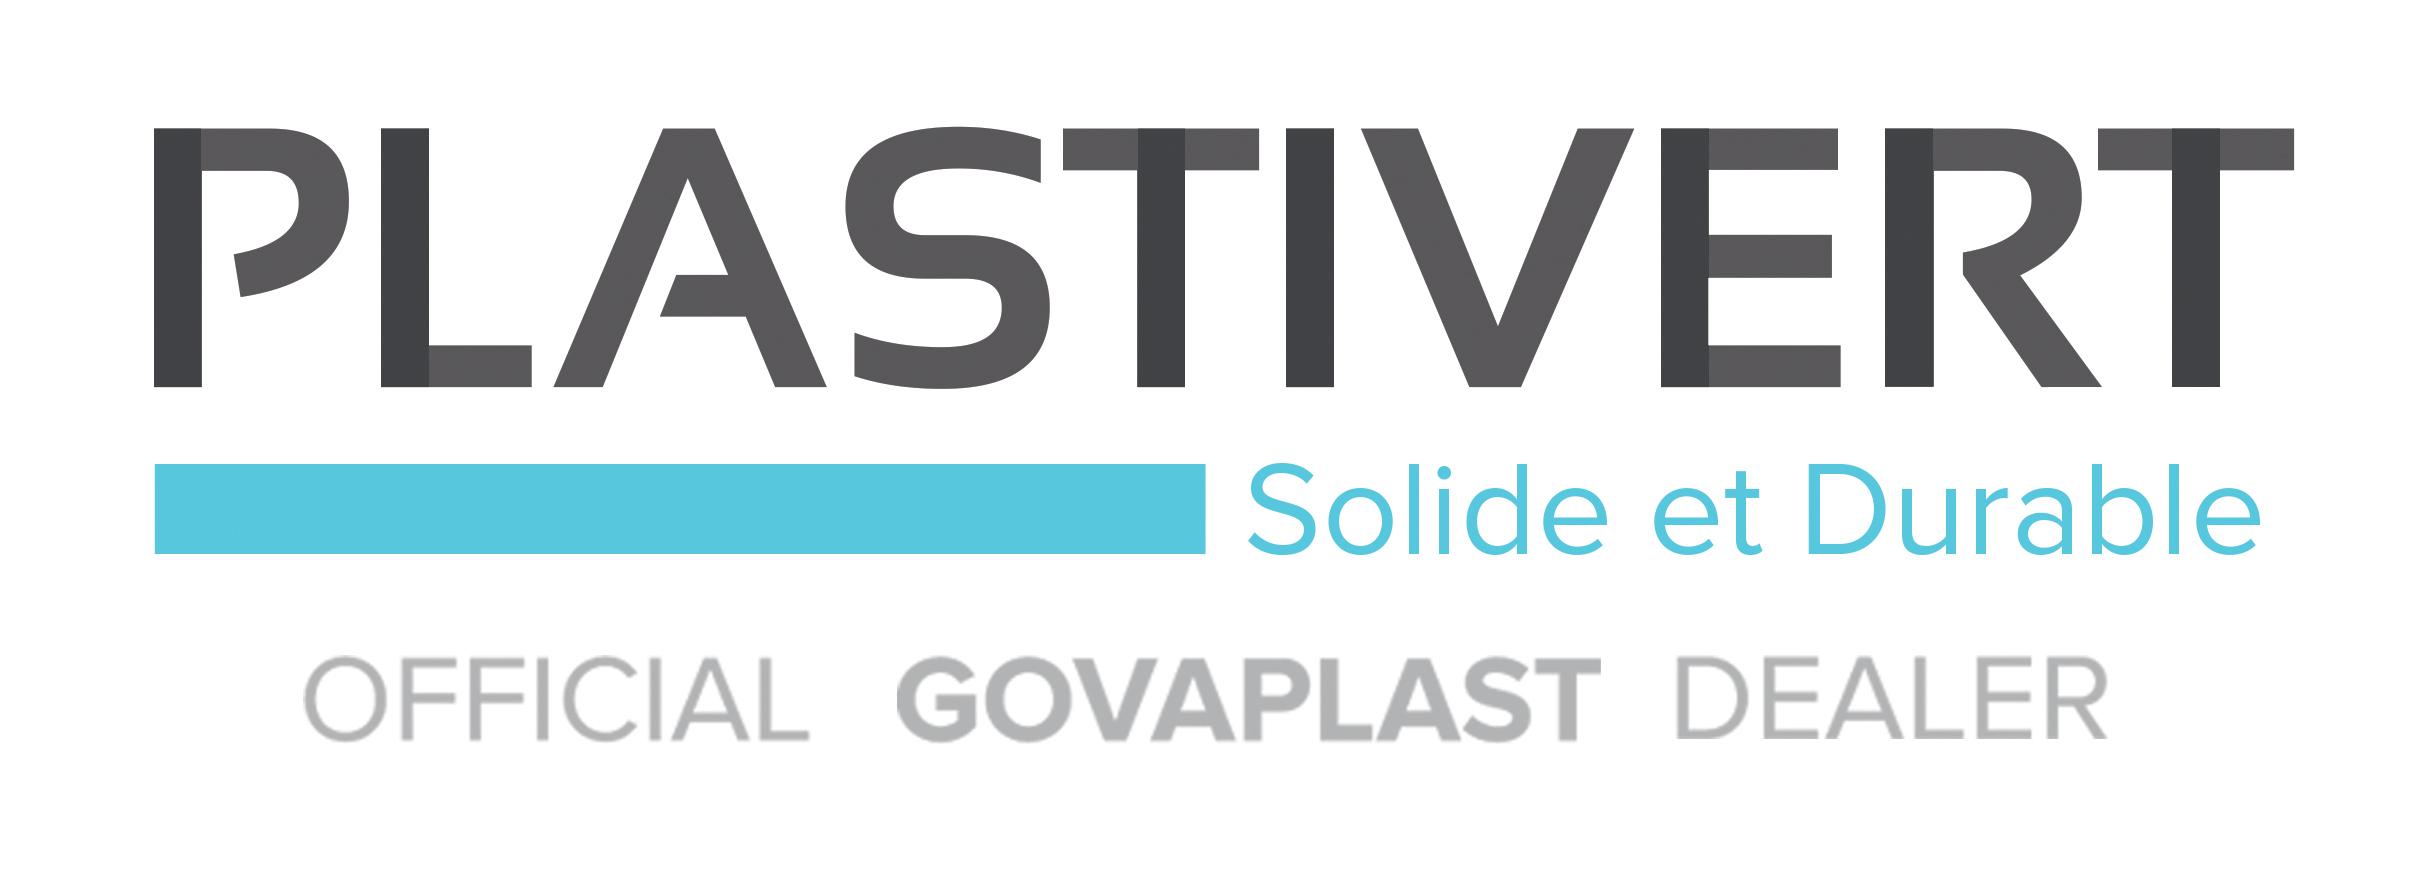 Plastivert, Govaplast official dealer